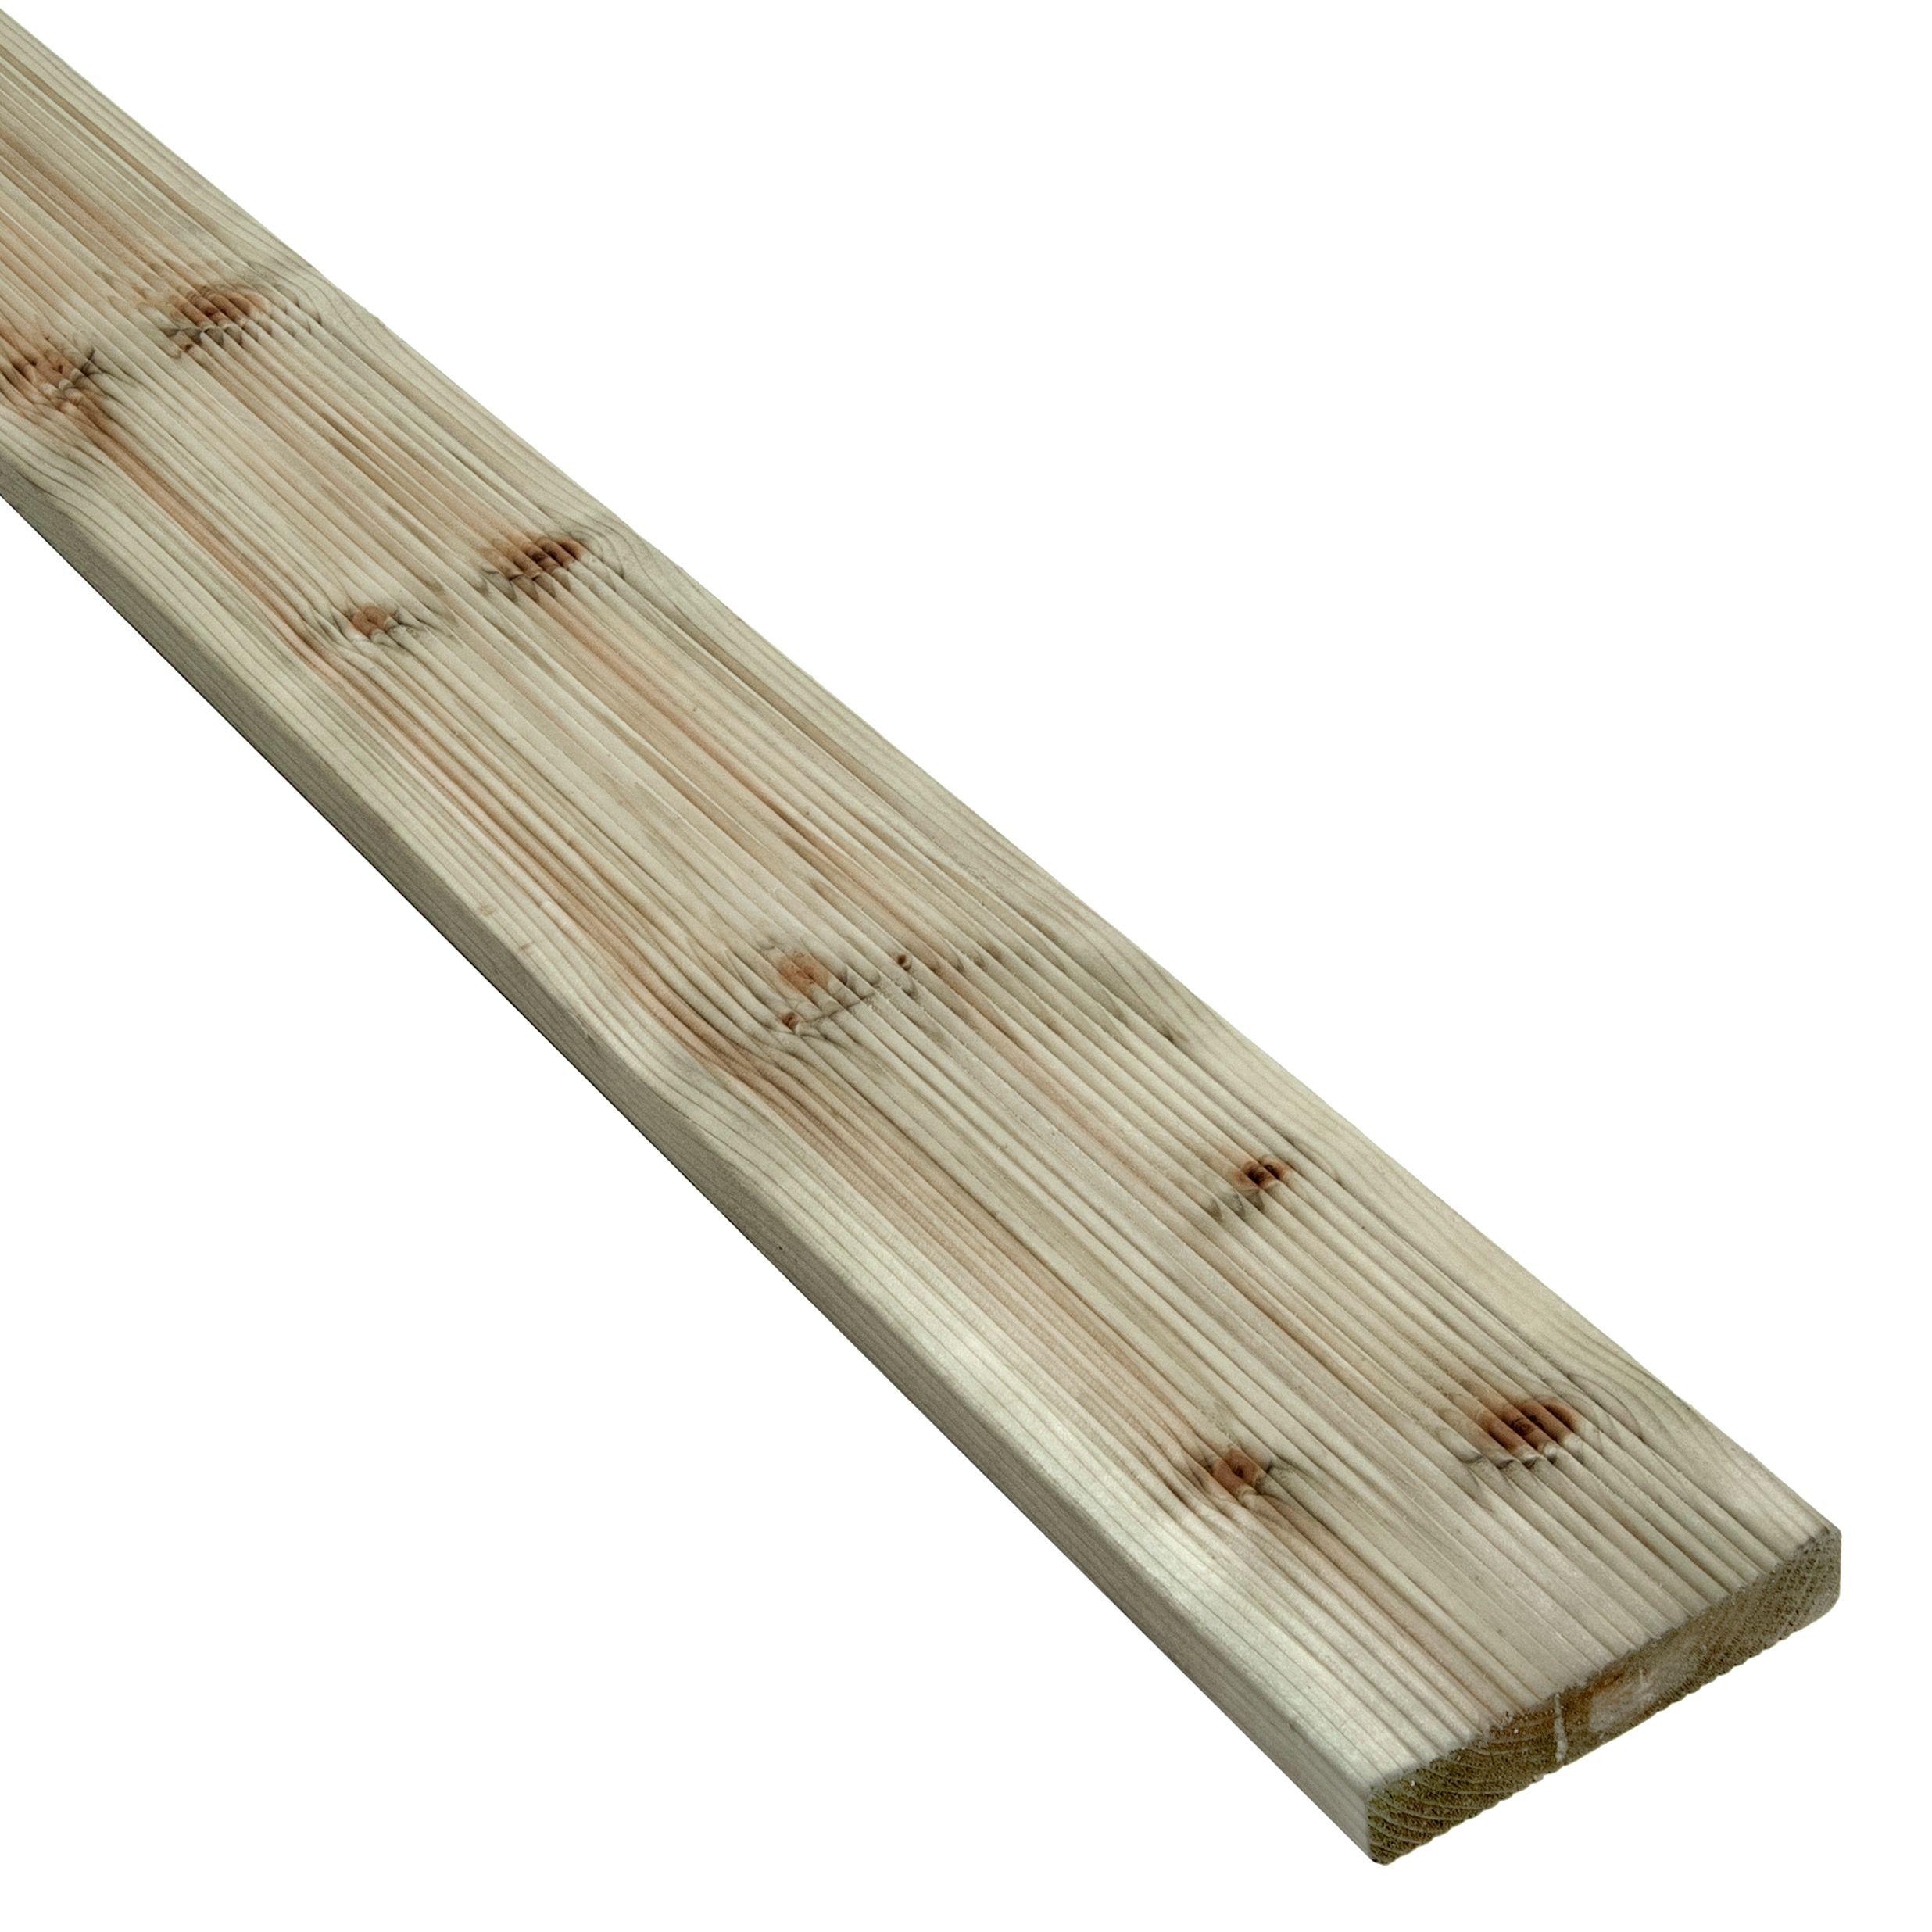 Blooma Nevou Premium Spruce Deck Board (t)27mm (w)144mm (l)4800mm